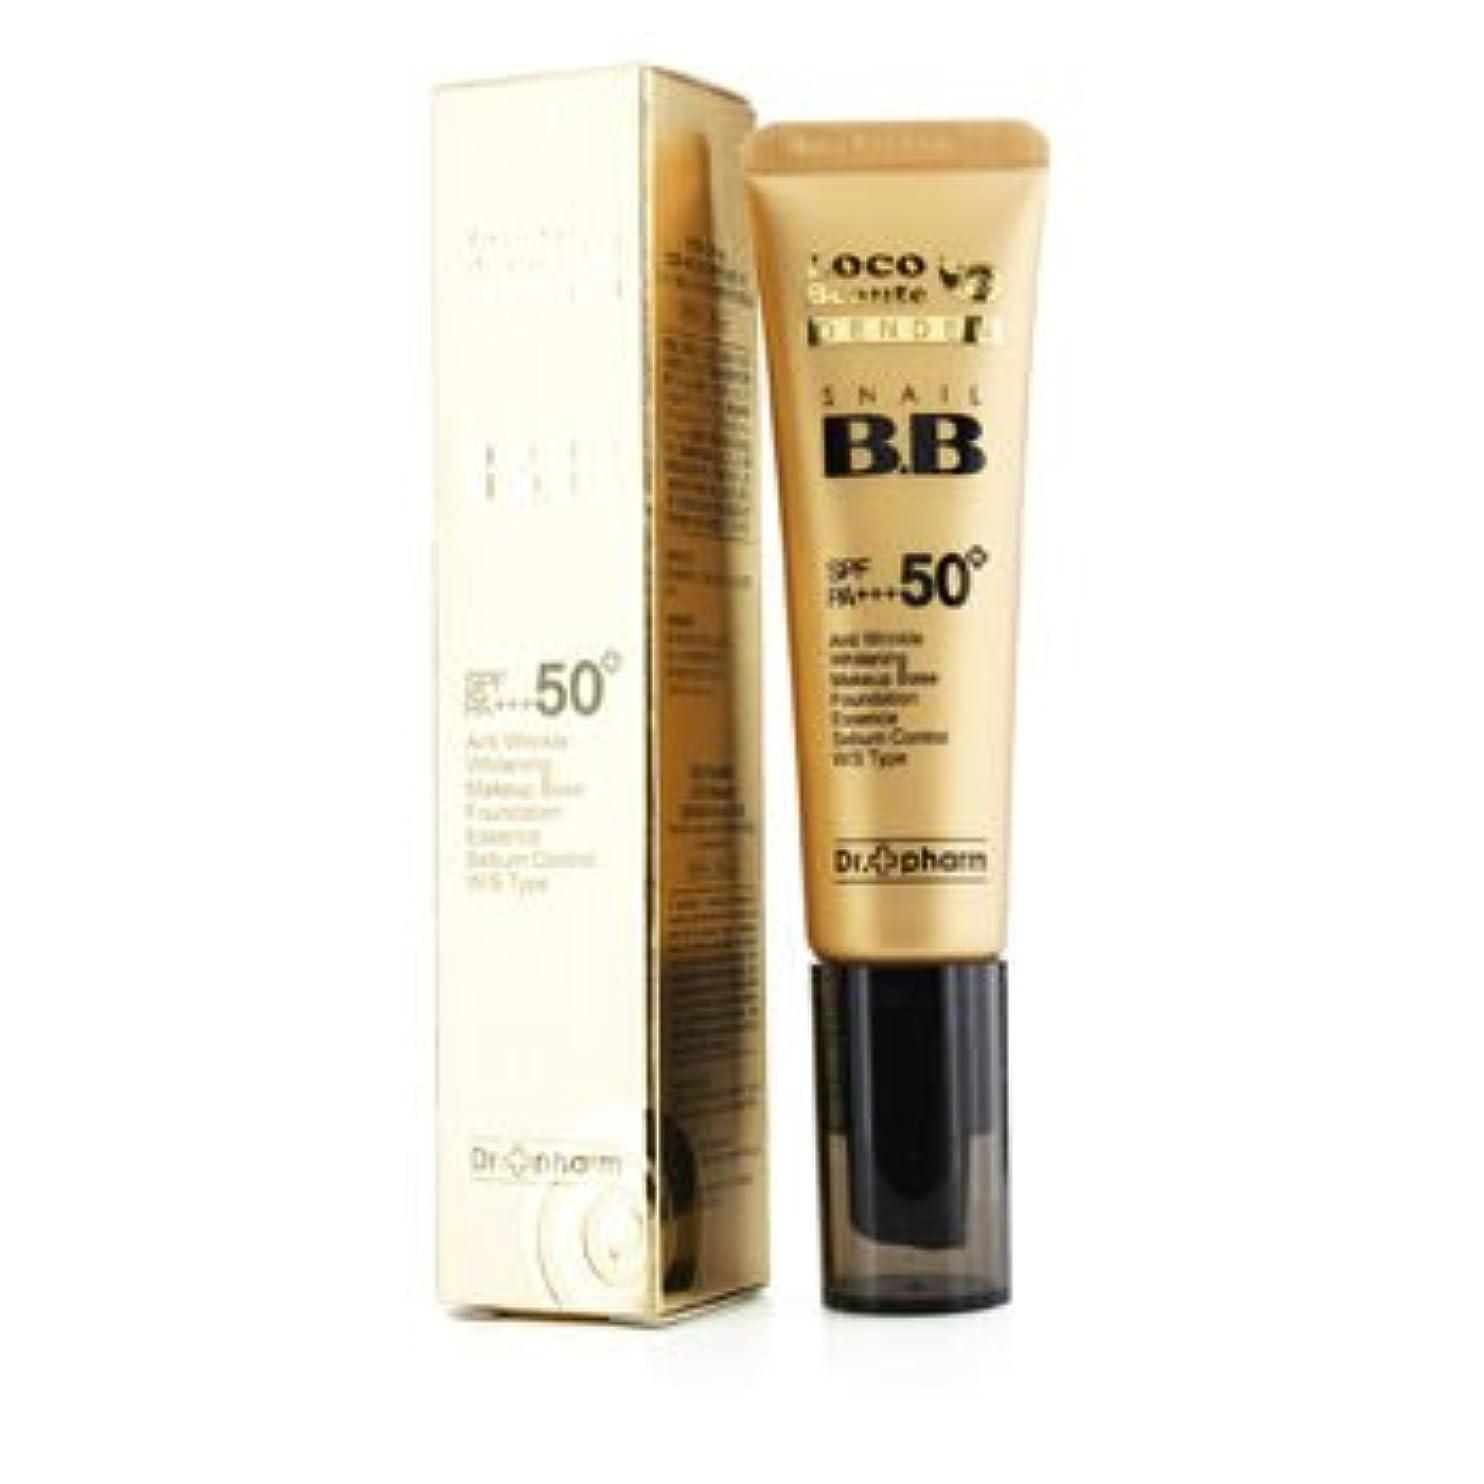 閉じ込めるスラム街スムーズにDr. Pharm LOCO Beaute DenDen Snail BB Cream SPF5030ml/1oz並行輸入品